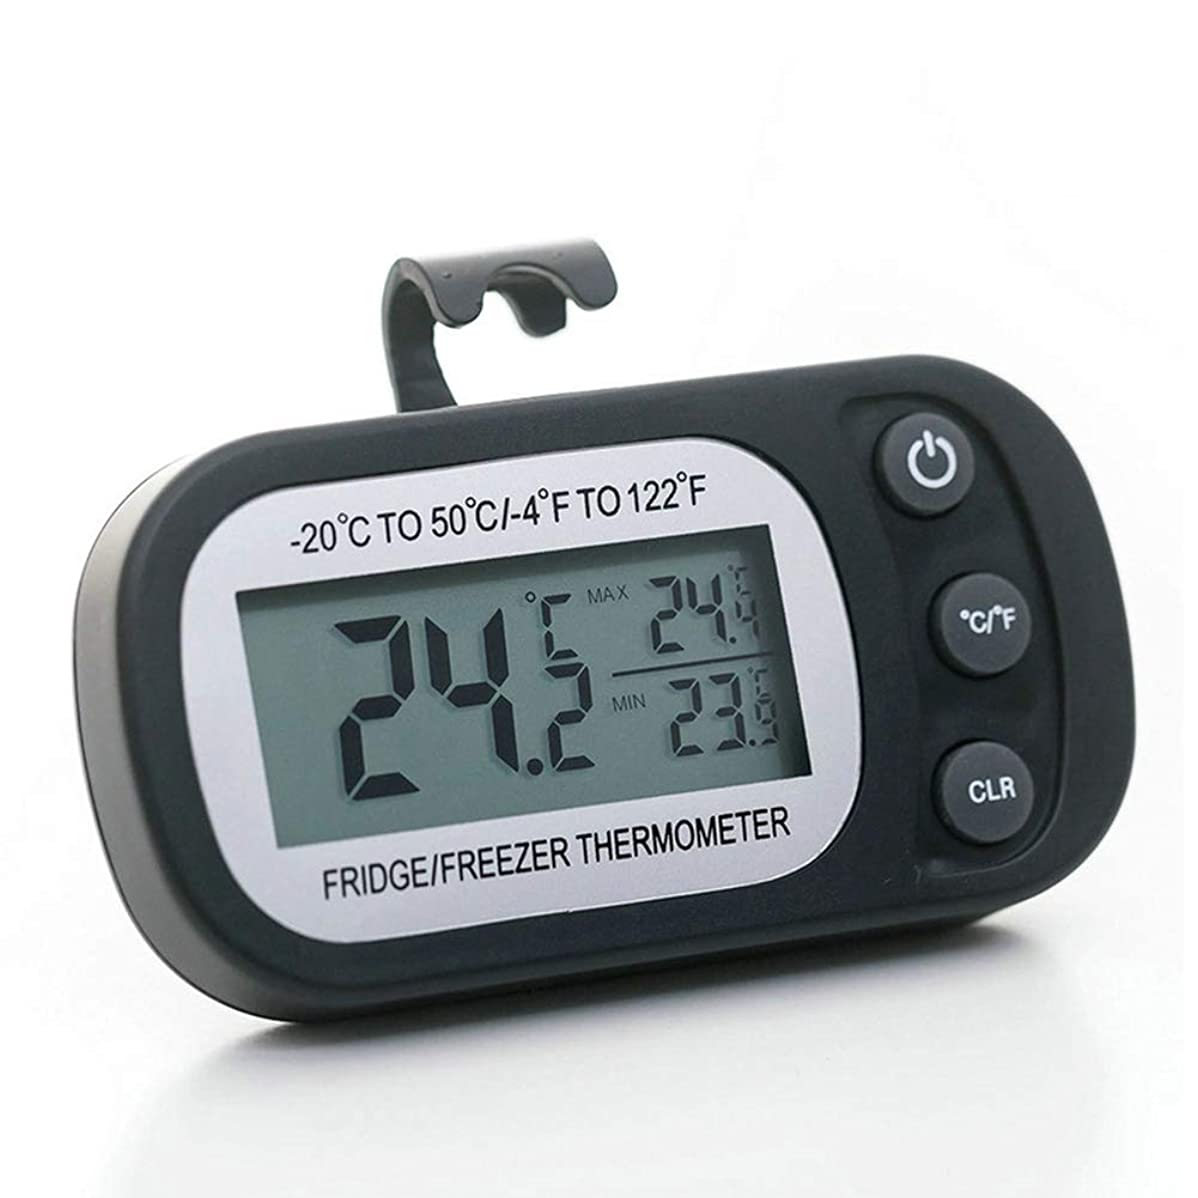 バイバイ番号店主室内 ワイヤレス デジタル 湿度計 温度計 キッチン冷蔵庫専用電子体温計防水と防湿マグネットフック付き,黒